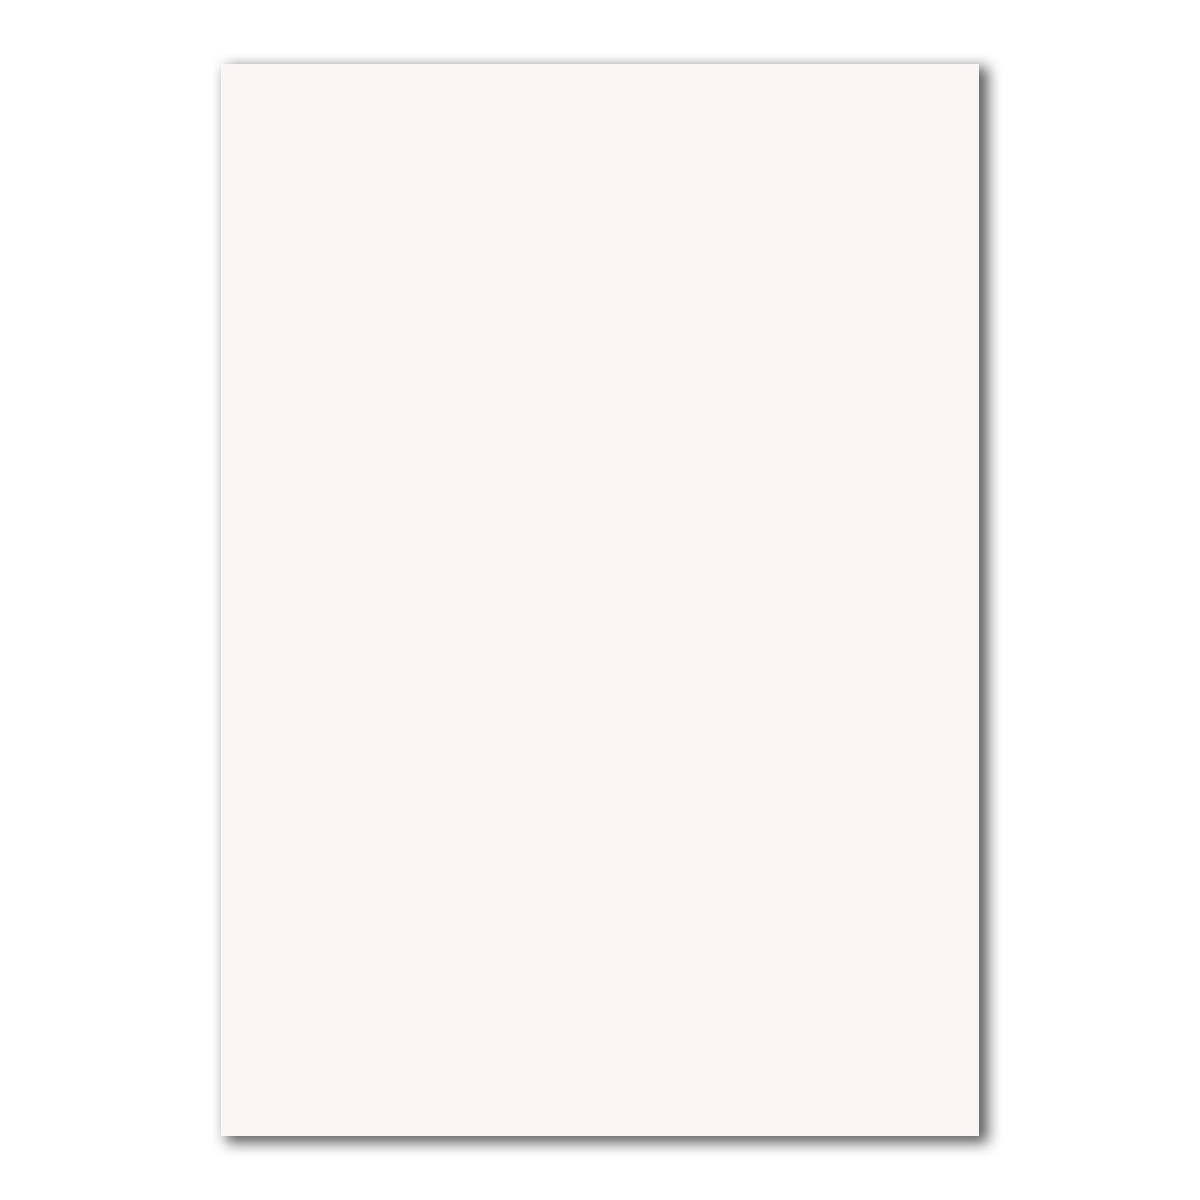 200 Blatt Ton-Karton DIN DIN DIN A4 - Farbe  Lila -Ton-Papier 240 g m² gerippte Oberfläche - Ton-Zeichen-Papier Bastel-Papier Bastel-Karton - Glüxx-Agent B07K1KCVCM | Nutzen Sie Materialien voll aus  875b5a